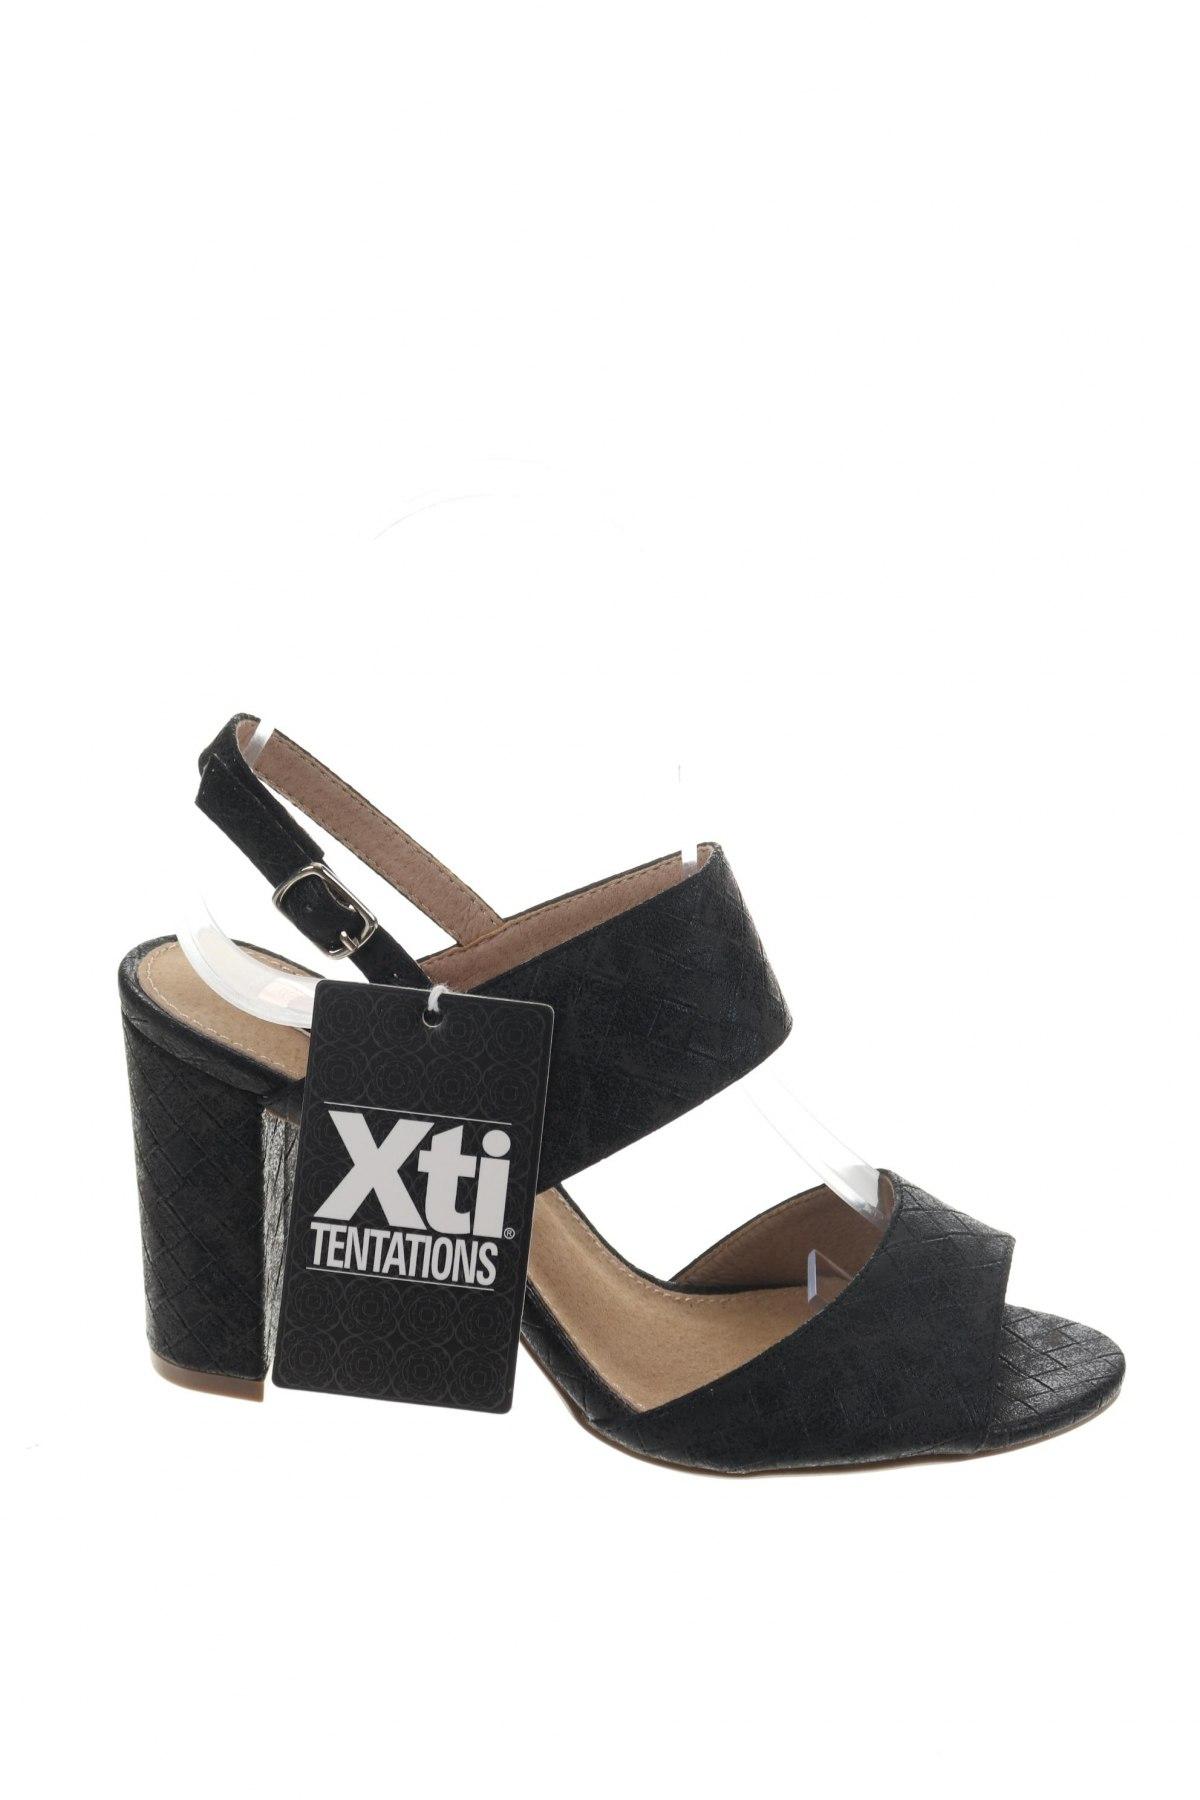 Σανδάλια Xti, Μέγεθος 36, Χρώμα Μαύρο, Δερματίνη, Τιμή 20,63€